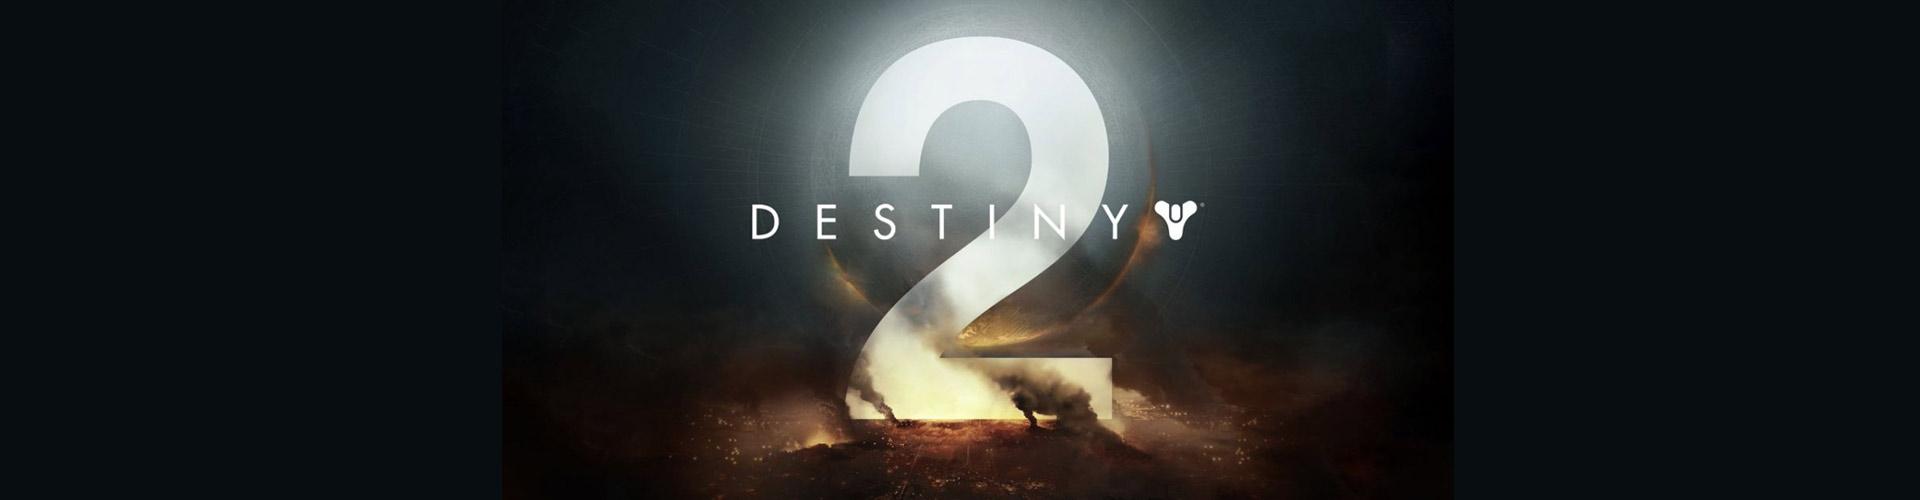 destiny-2-official-header.jpg